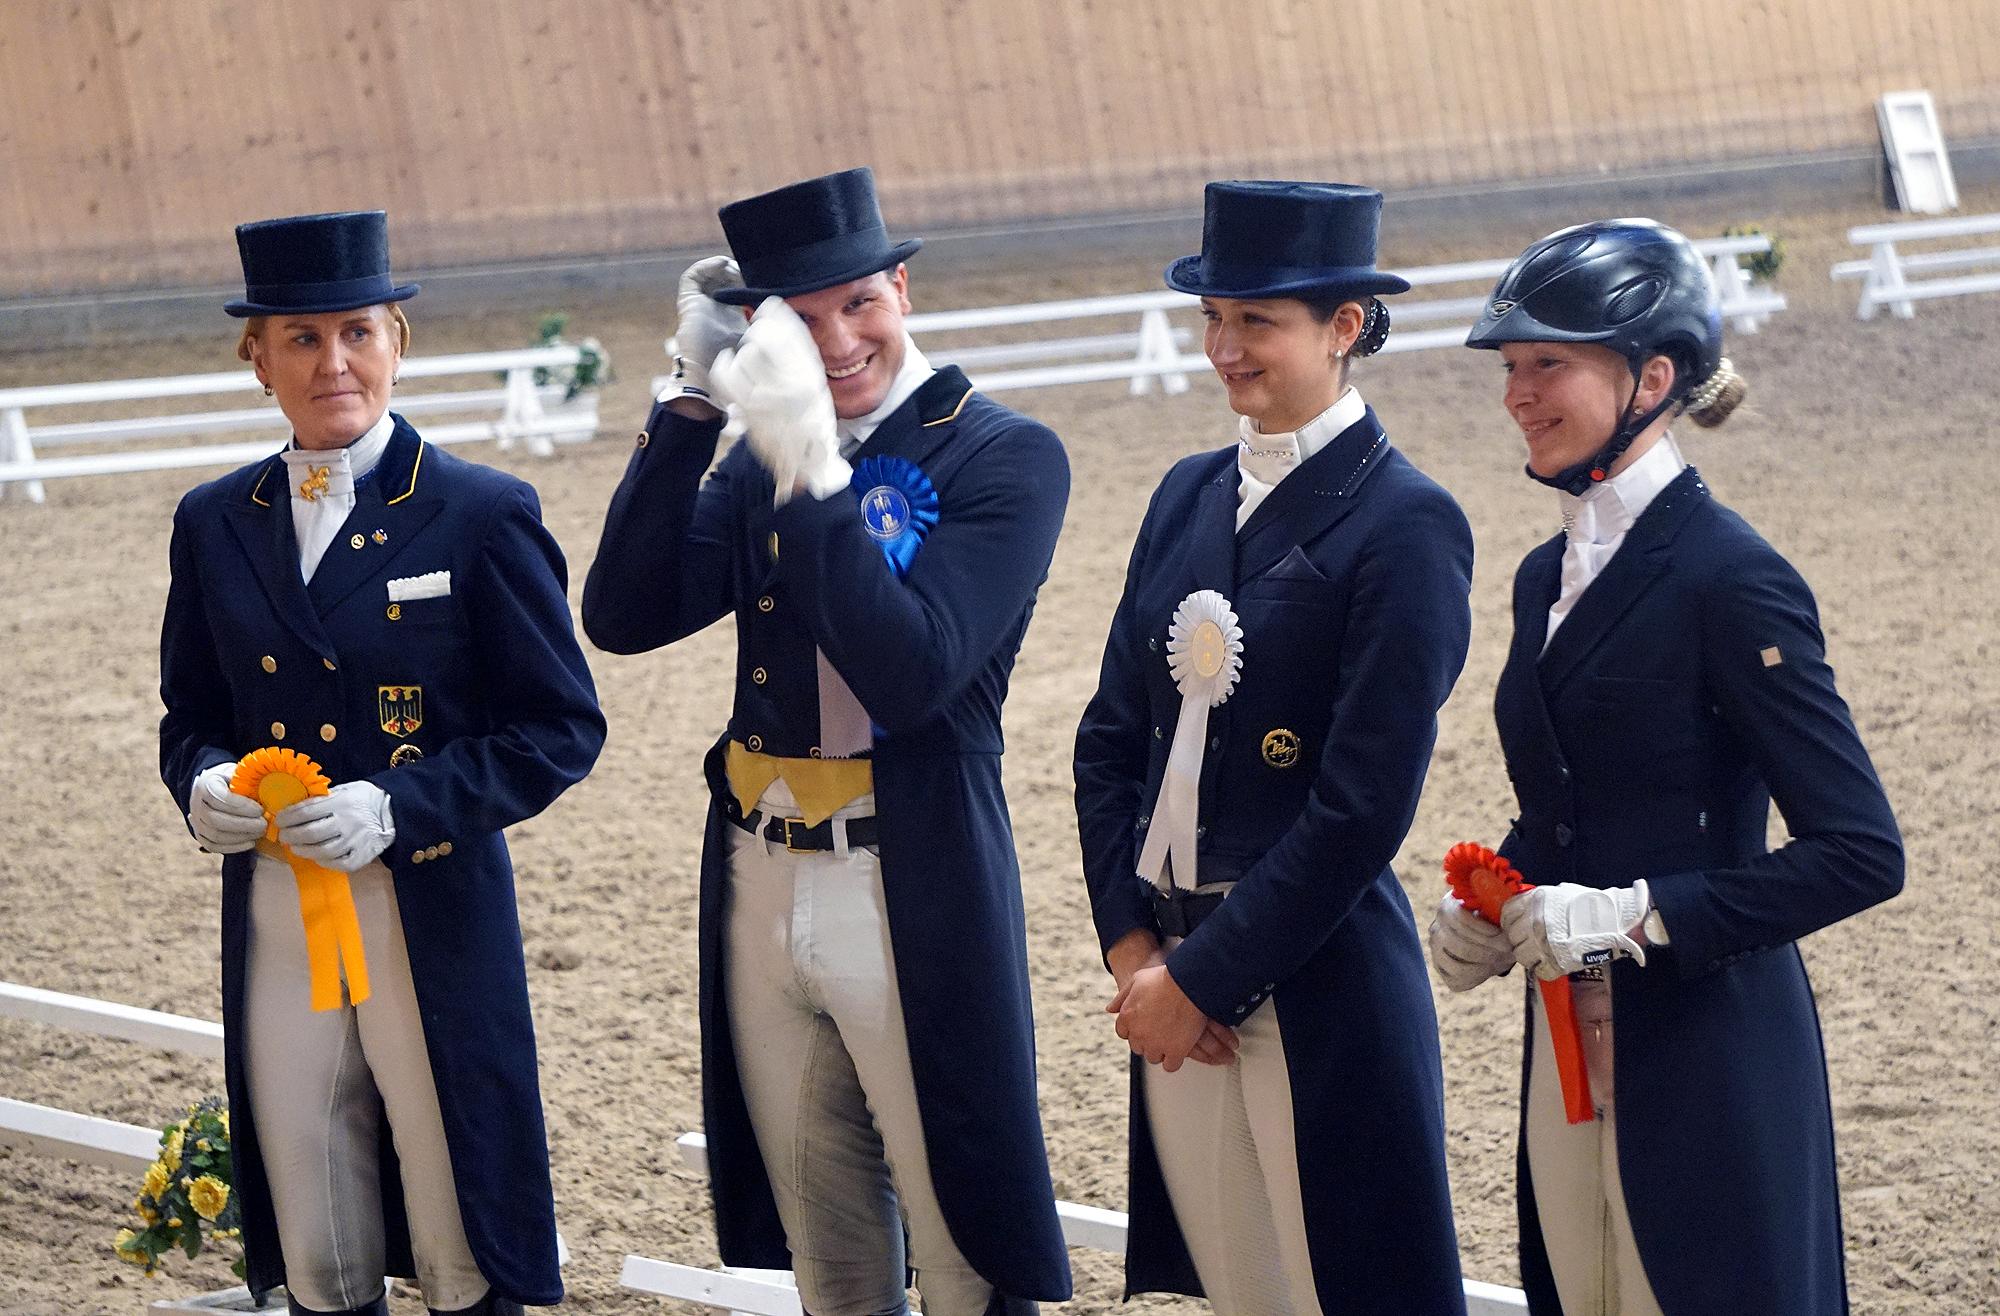 Siegerehrung mit strahlenden Gesichtern, aufgrund der Wetterlage ohne Pferde